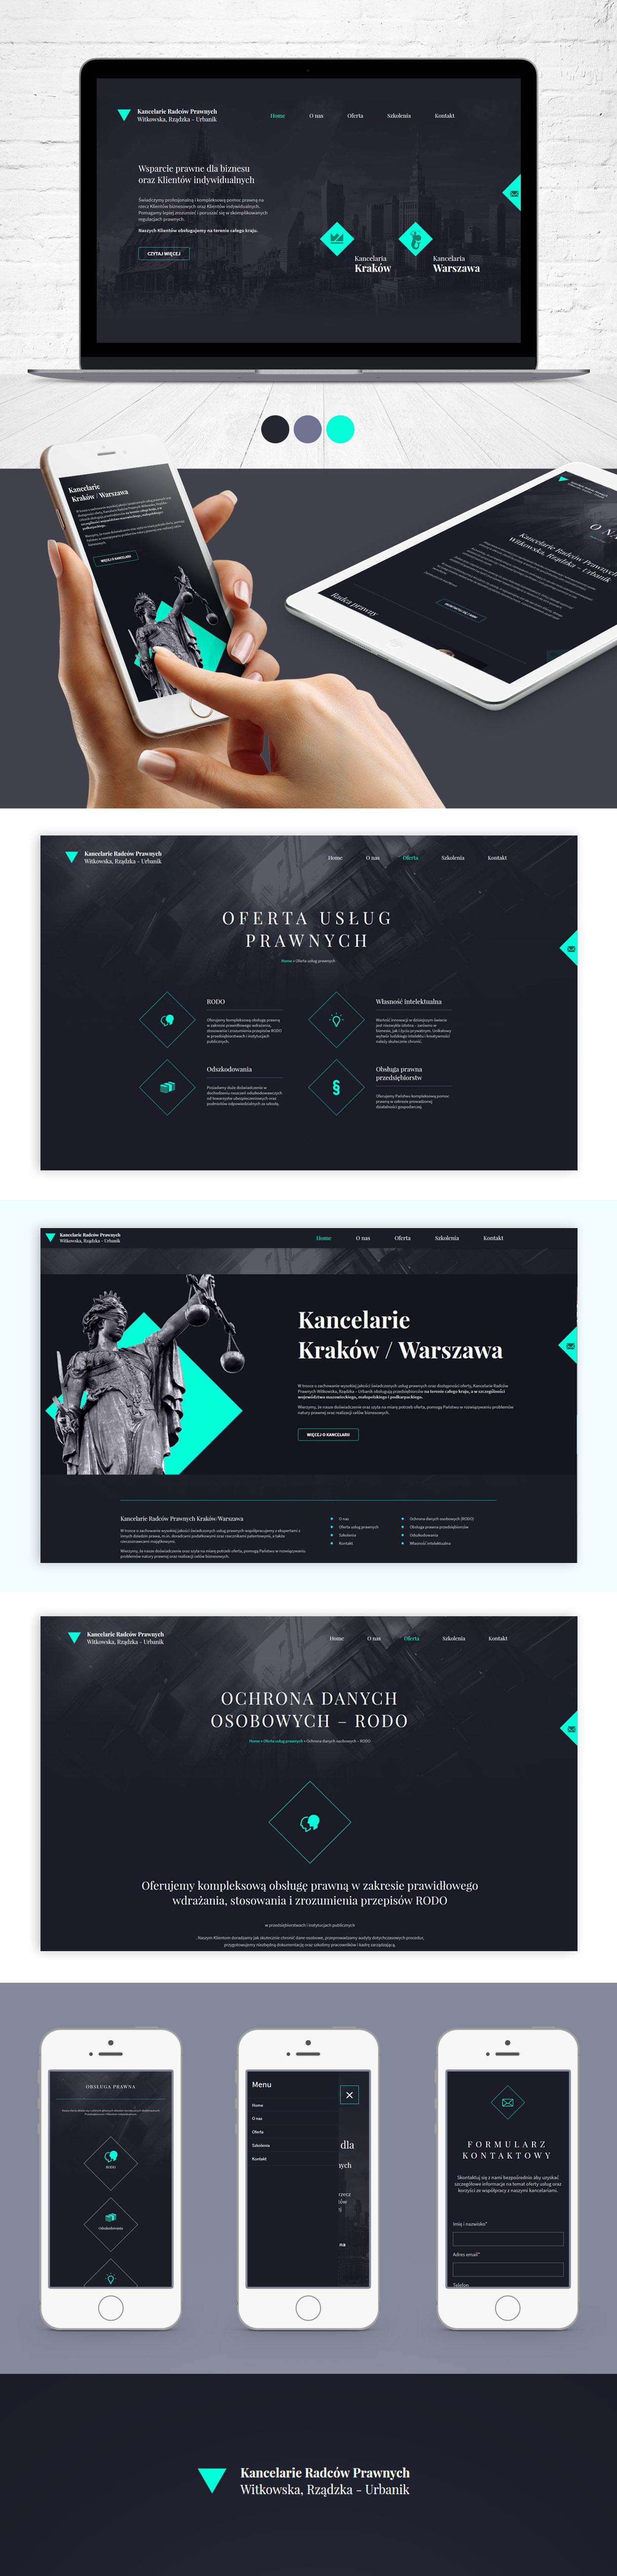 strona-www-kancelaria-prawna-witkowska-urbanik